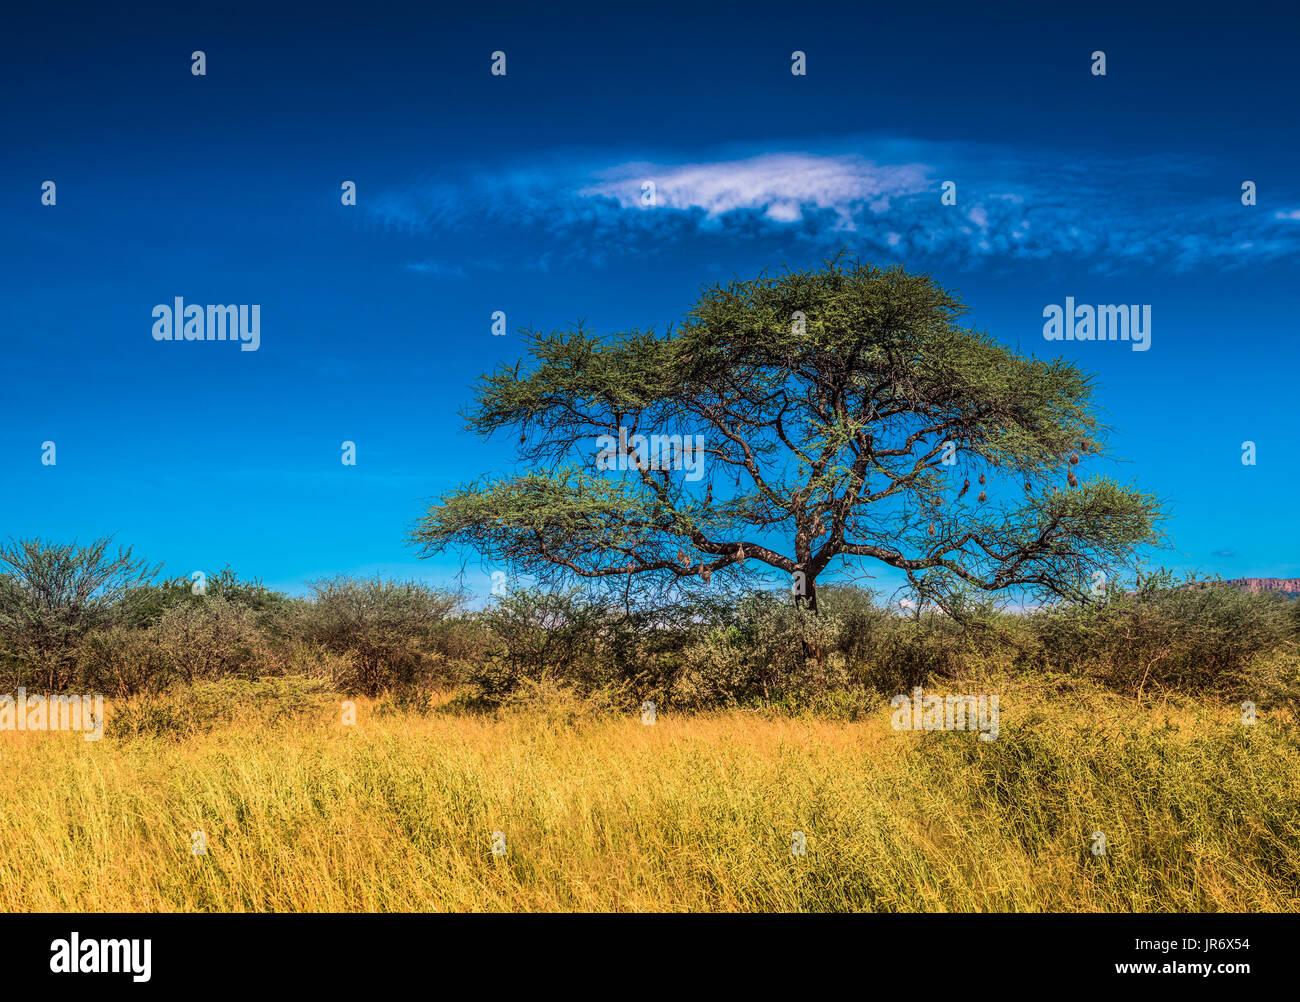 Arbre dans la savane, paysage africain classique Photo Stock